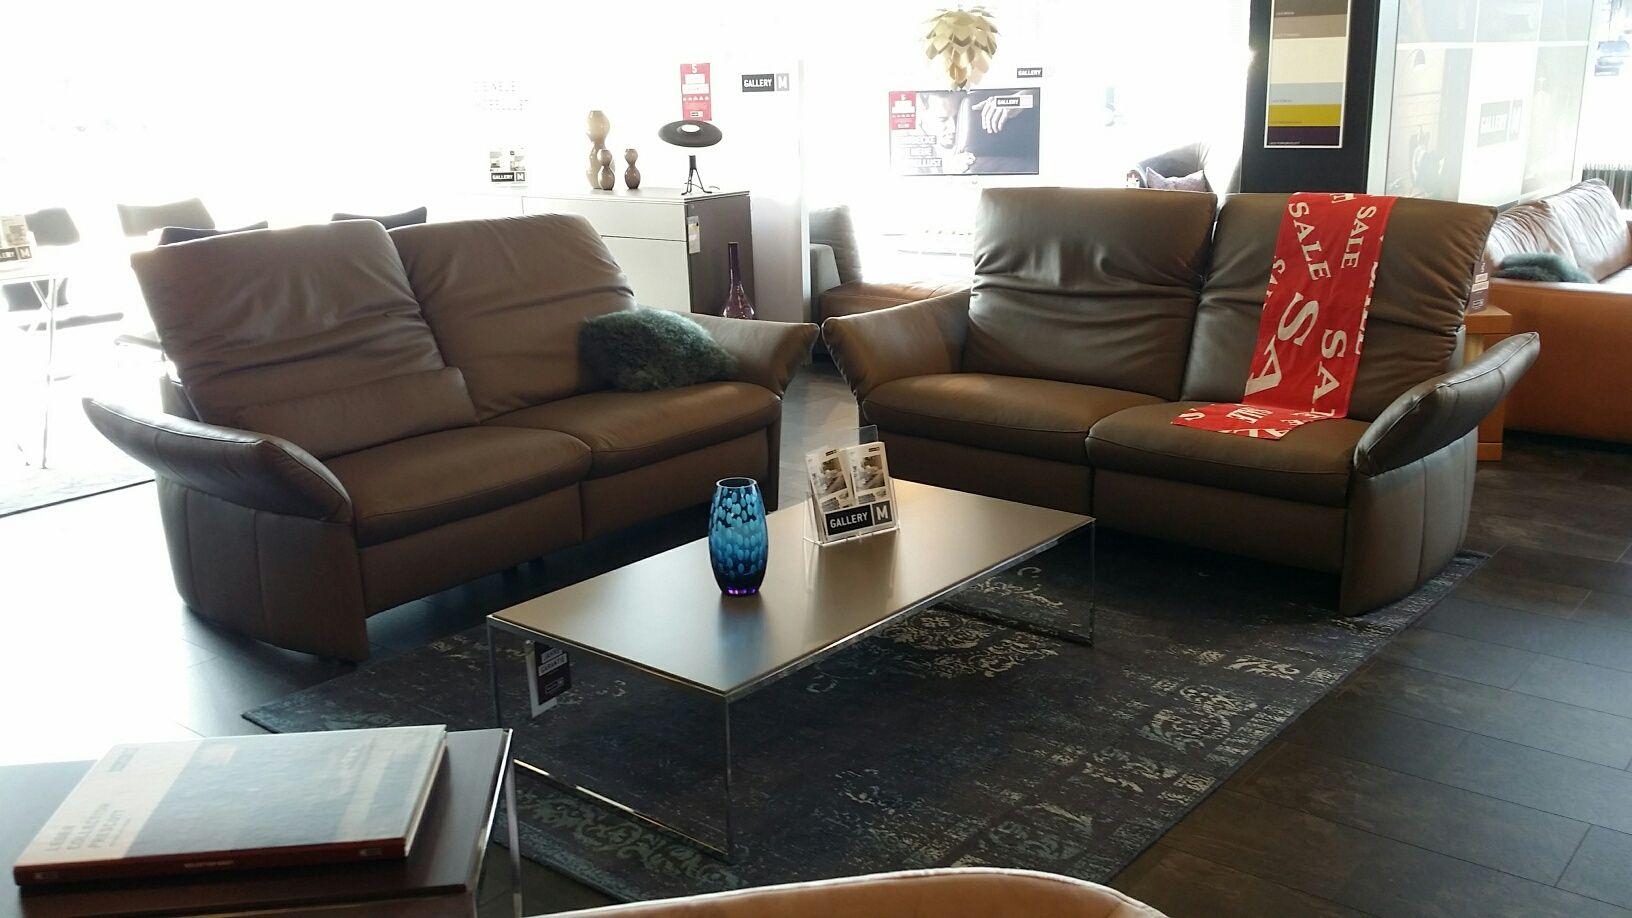 Sie Sparen 23 Statt 6 415 Jetzt Nur 4 909 Filiale Flensburg Stuhle Gunstig Wolle Kaufen Tisch Und Stuhle